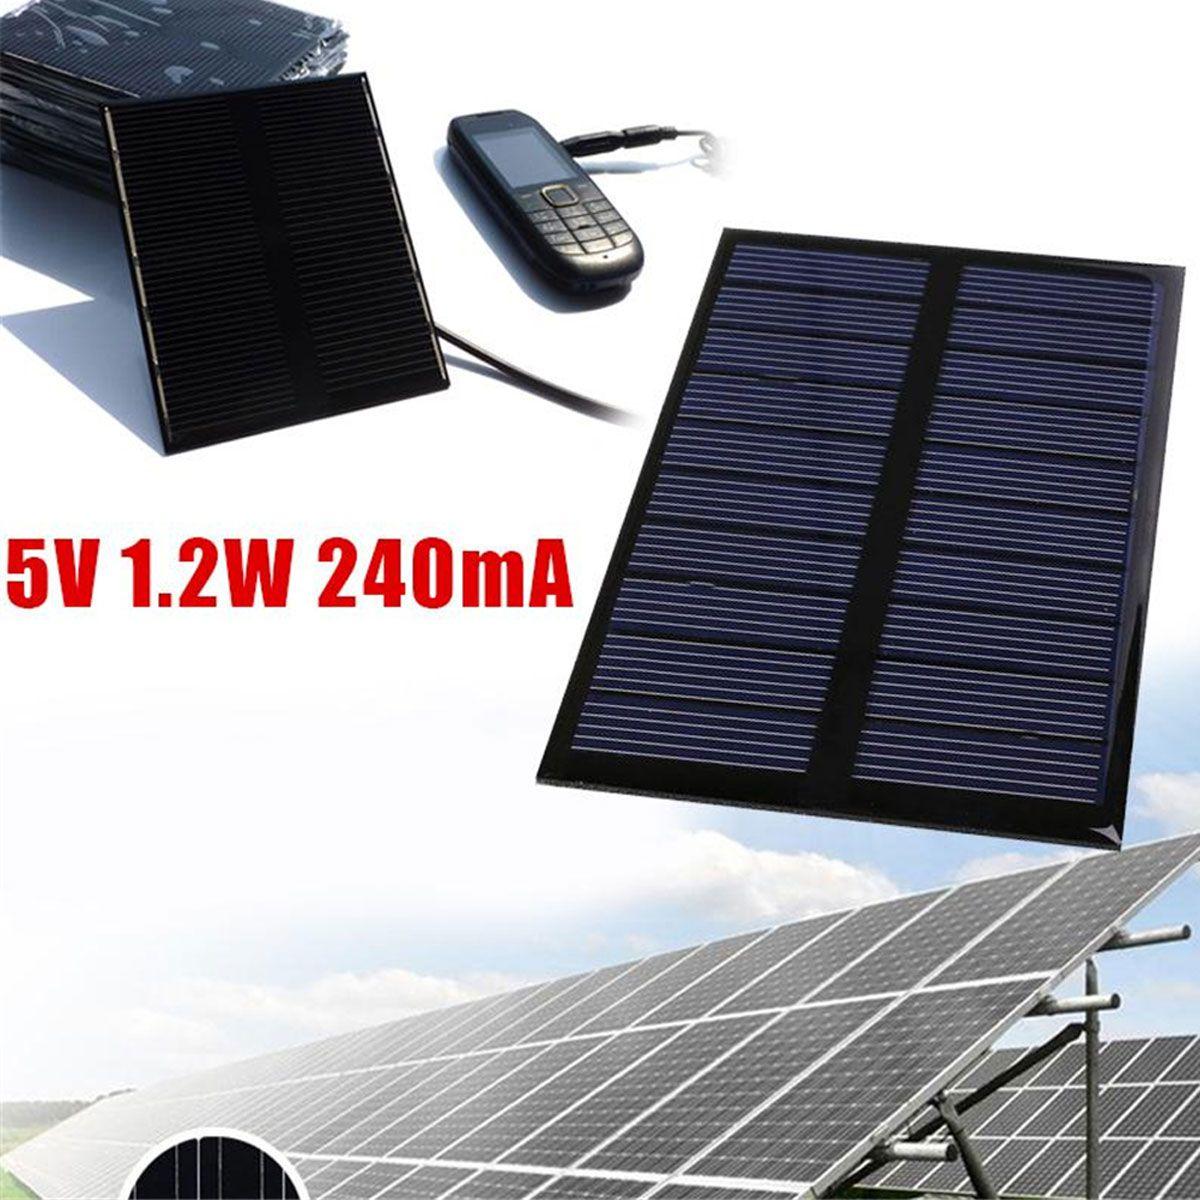 Mini Painel / Placa / Célula de Energia Solar Fotovoltaica 5V 240mA 1.2W